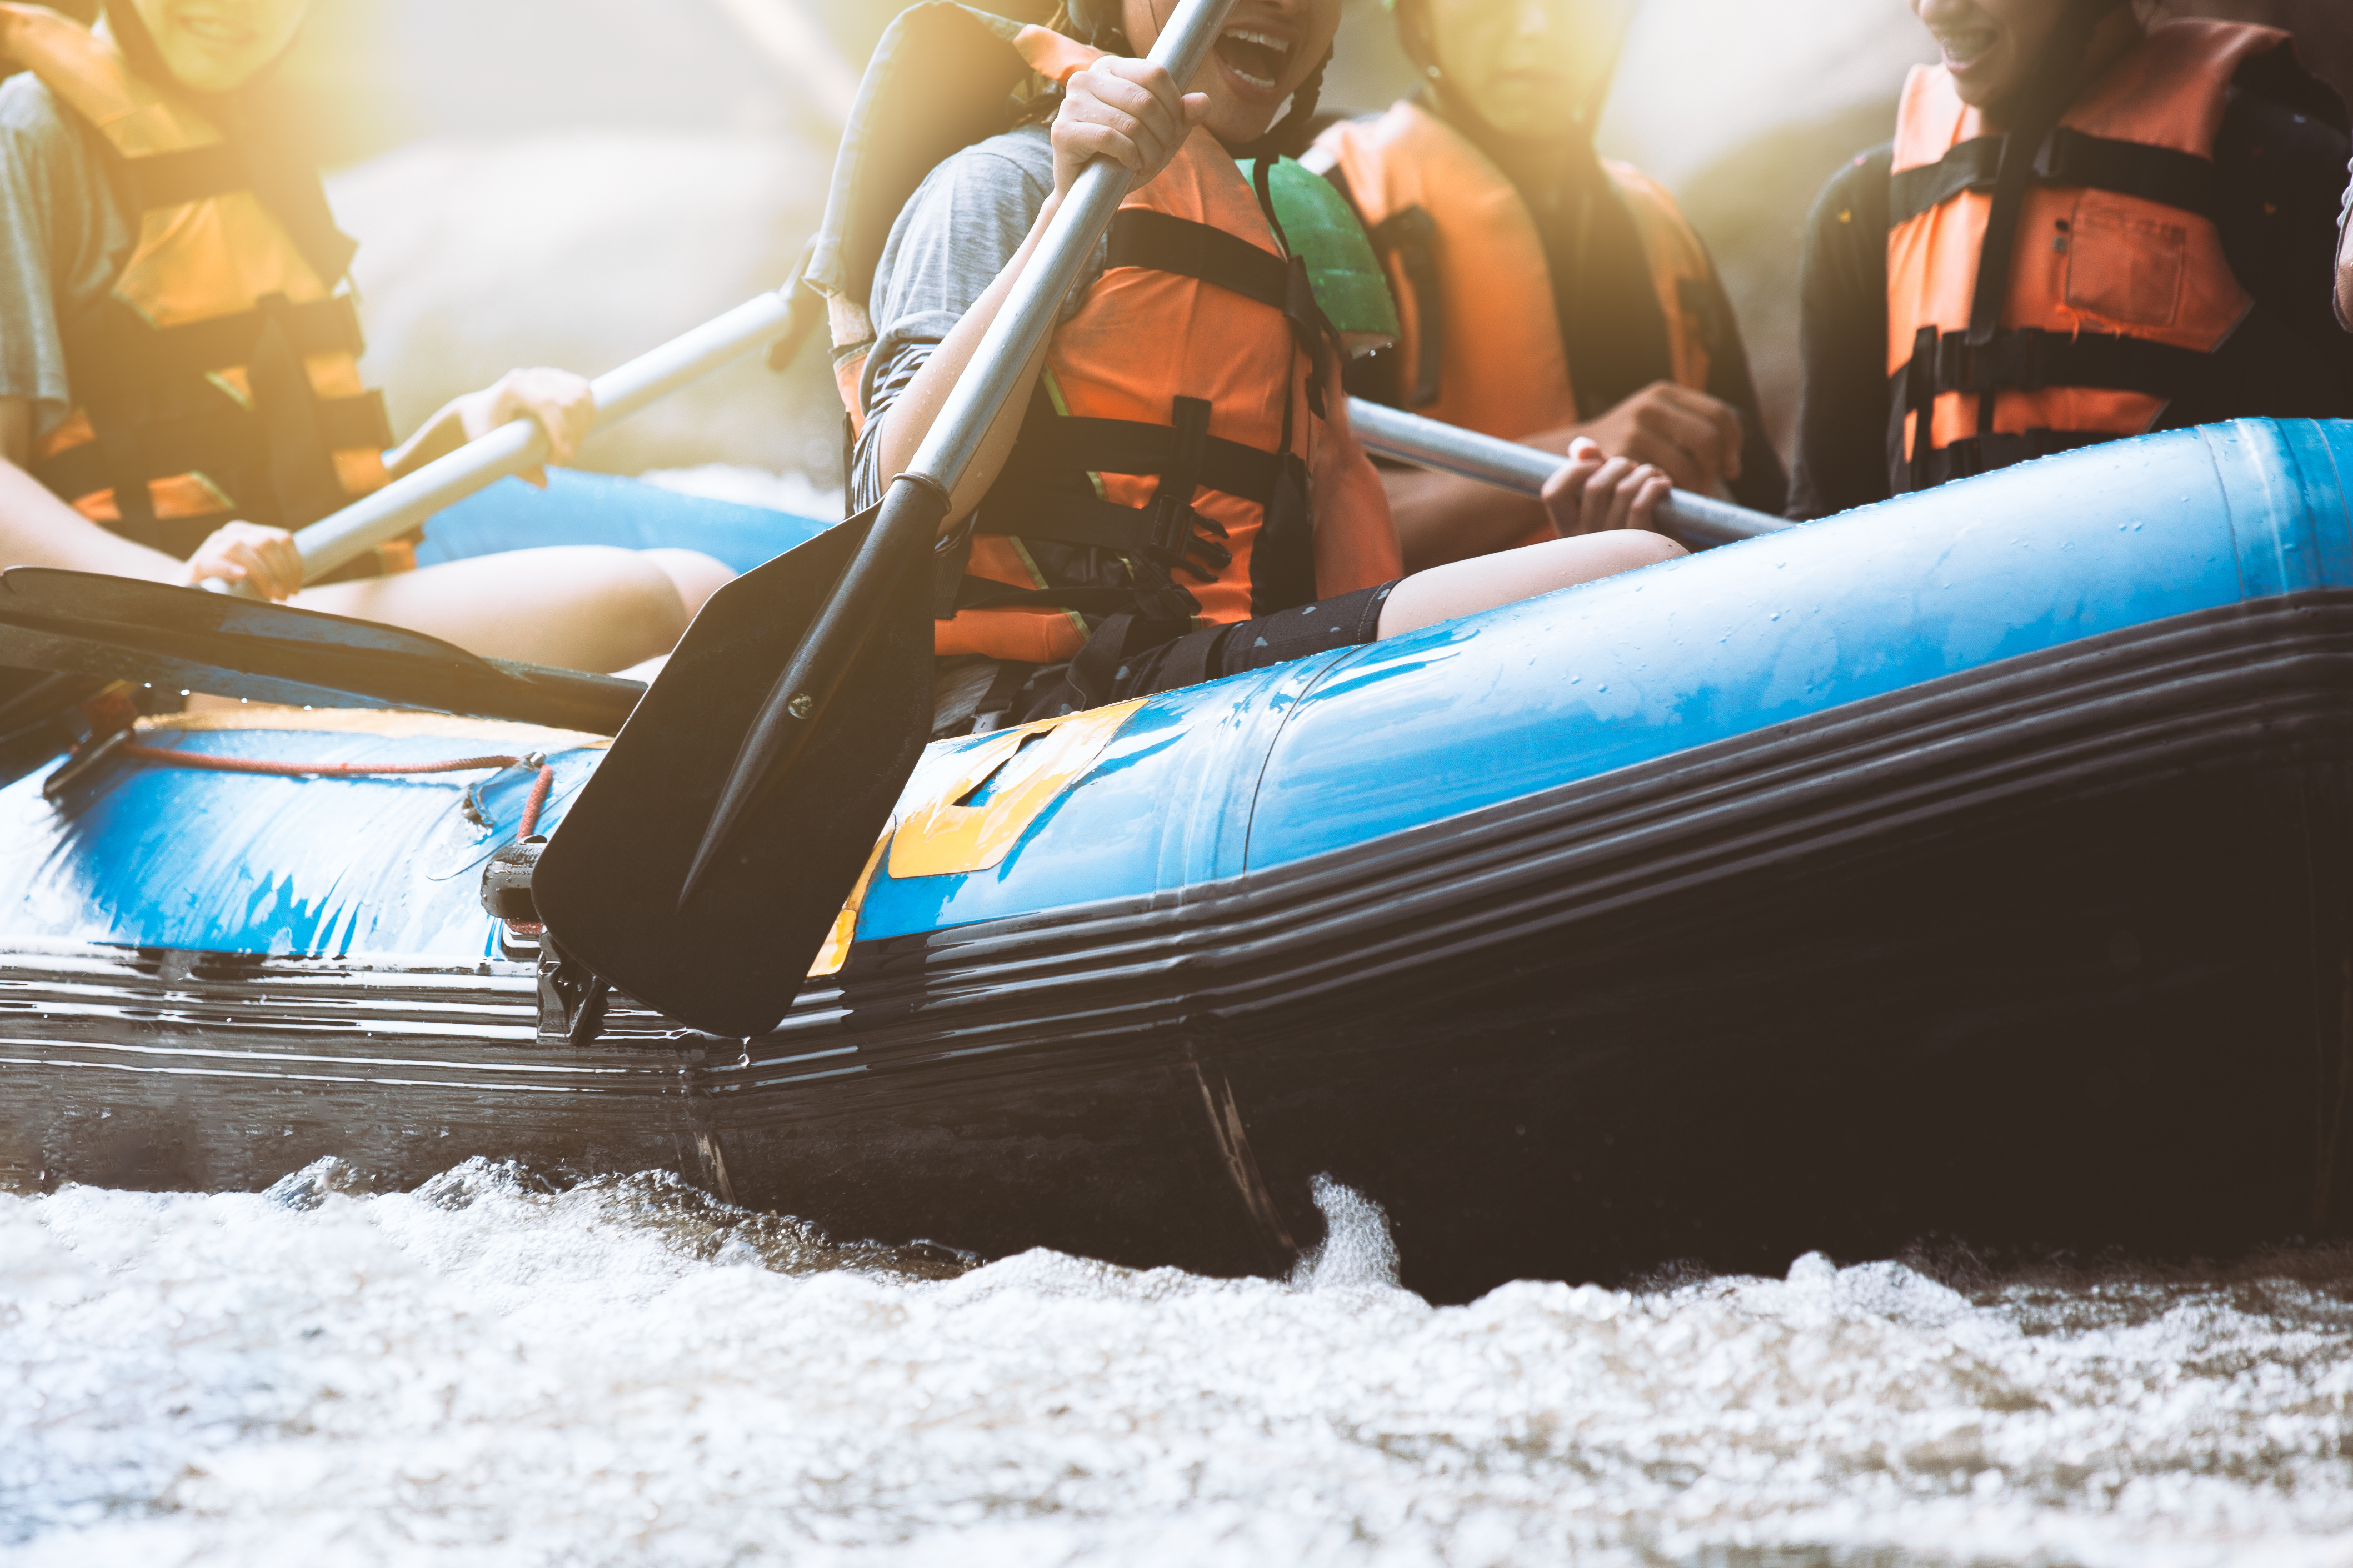 Melinda V Lee - Rafting in Grand County, CO